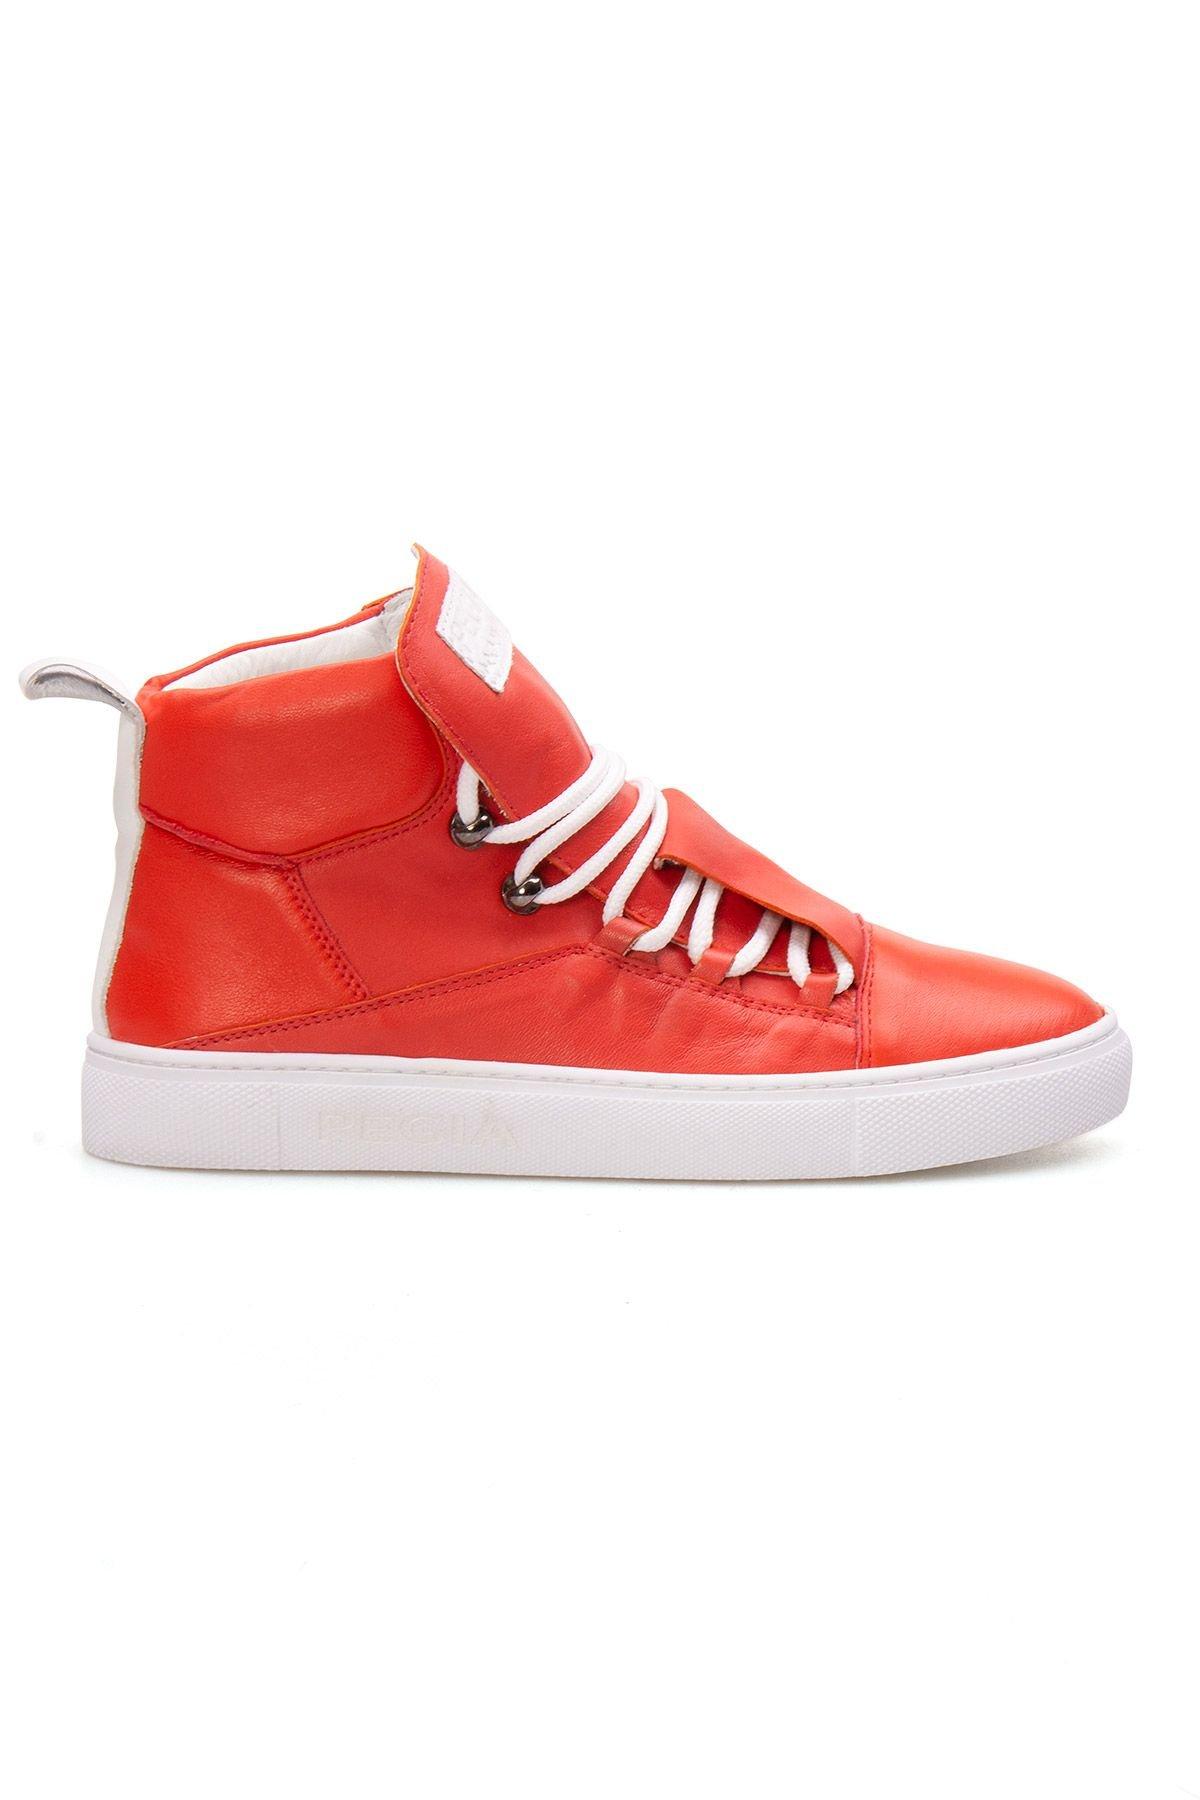 Pegia Genuine Leather Women's Sneaker LA1307 Pomegranate